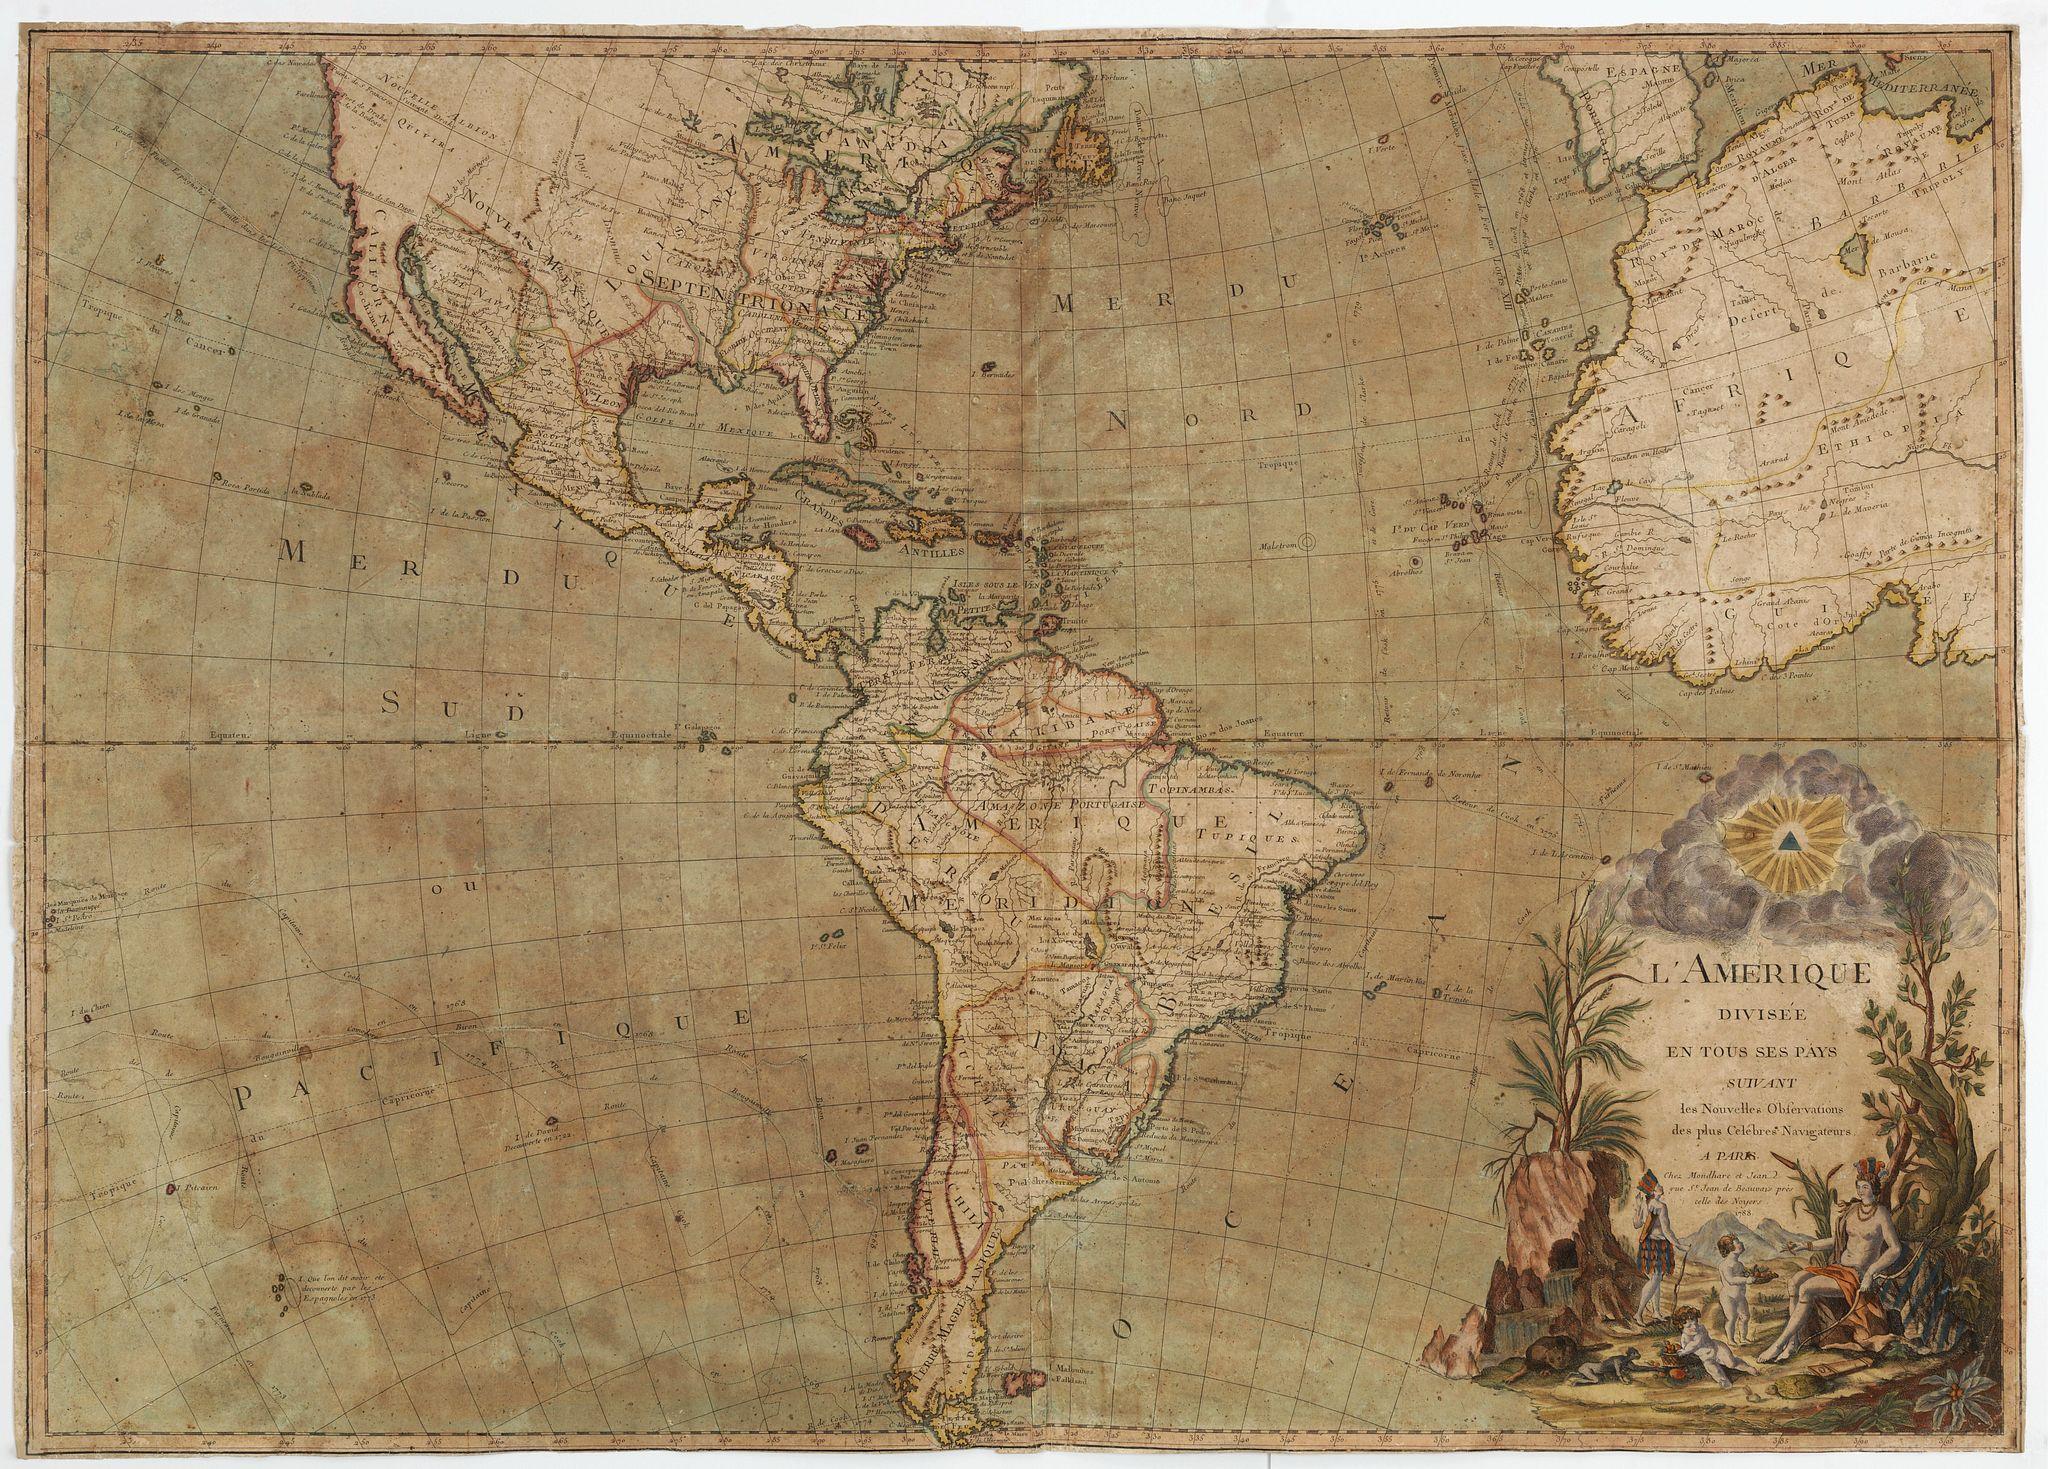 MONDHARE, L,J. / J. -  L' Amérique divisée en tous ses pays suivant, les nouvelles observations des plus celébres navigateurs. . . 1788